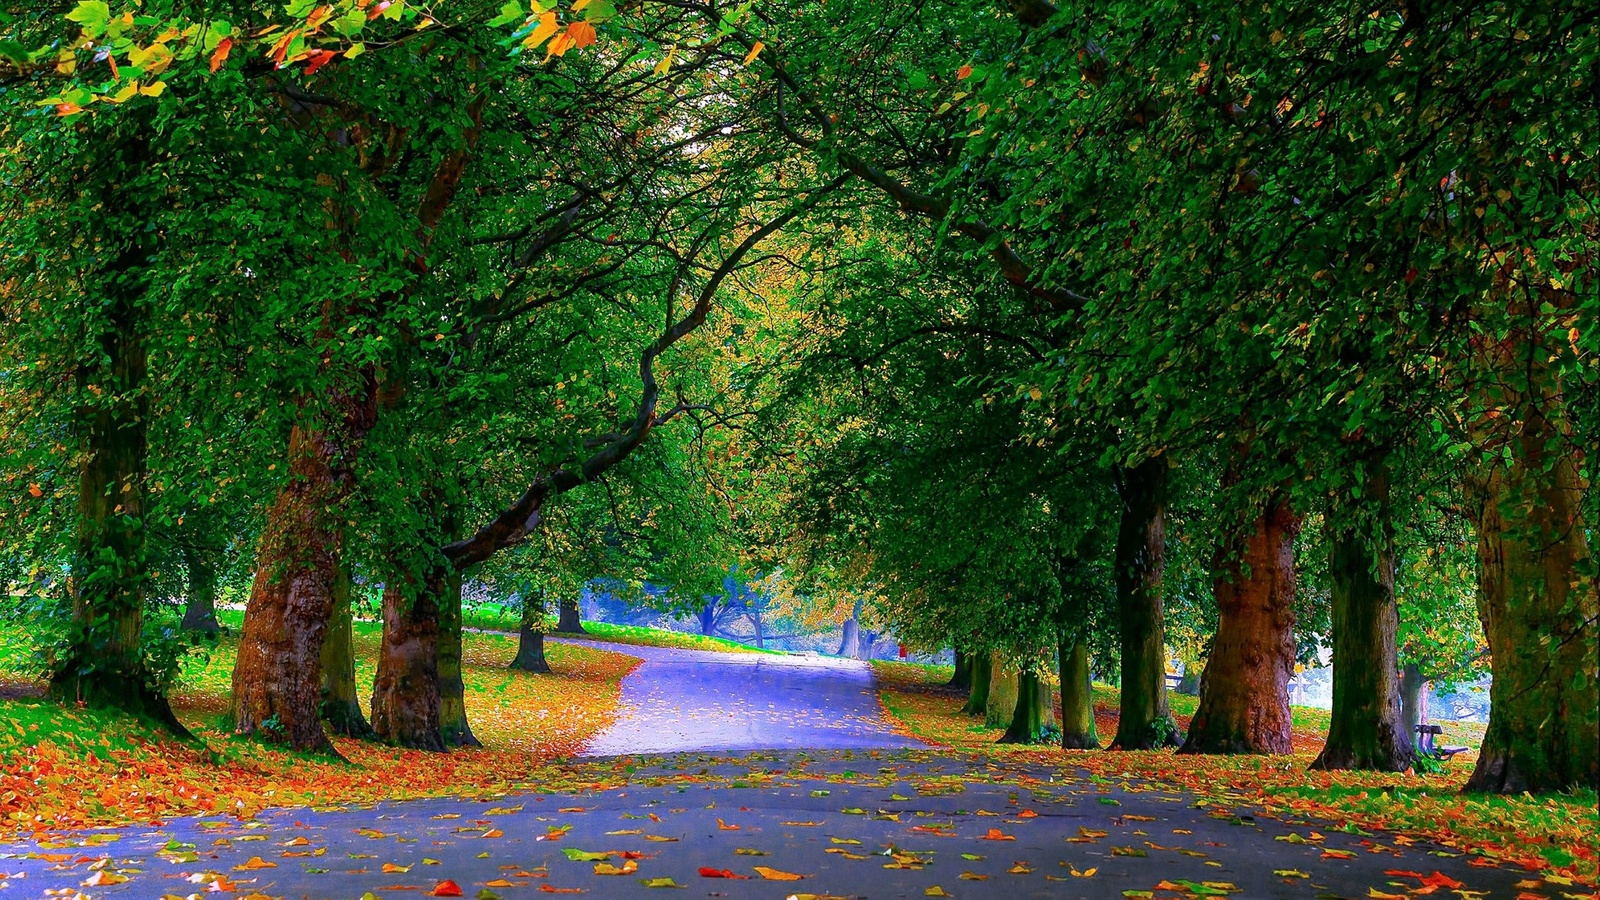 природа обои, пейзаж, алекс159 растягивает обоины как свое очко